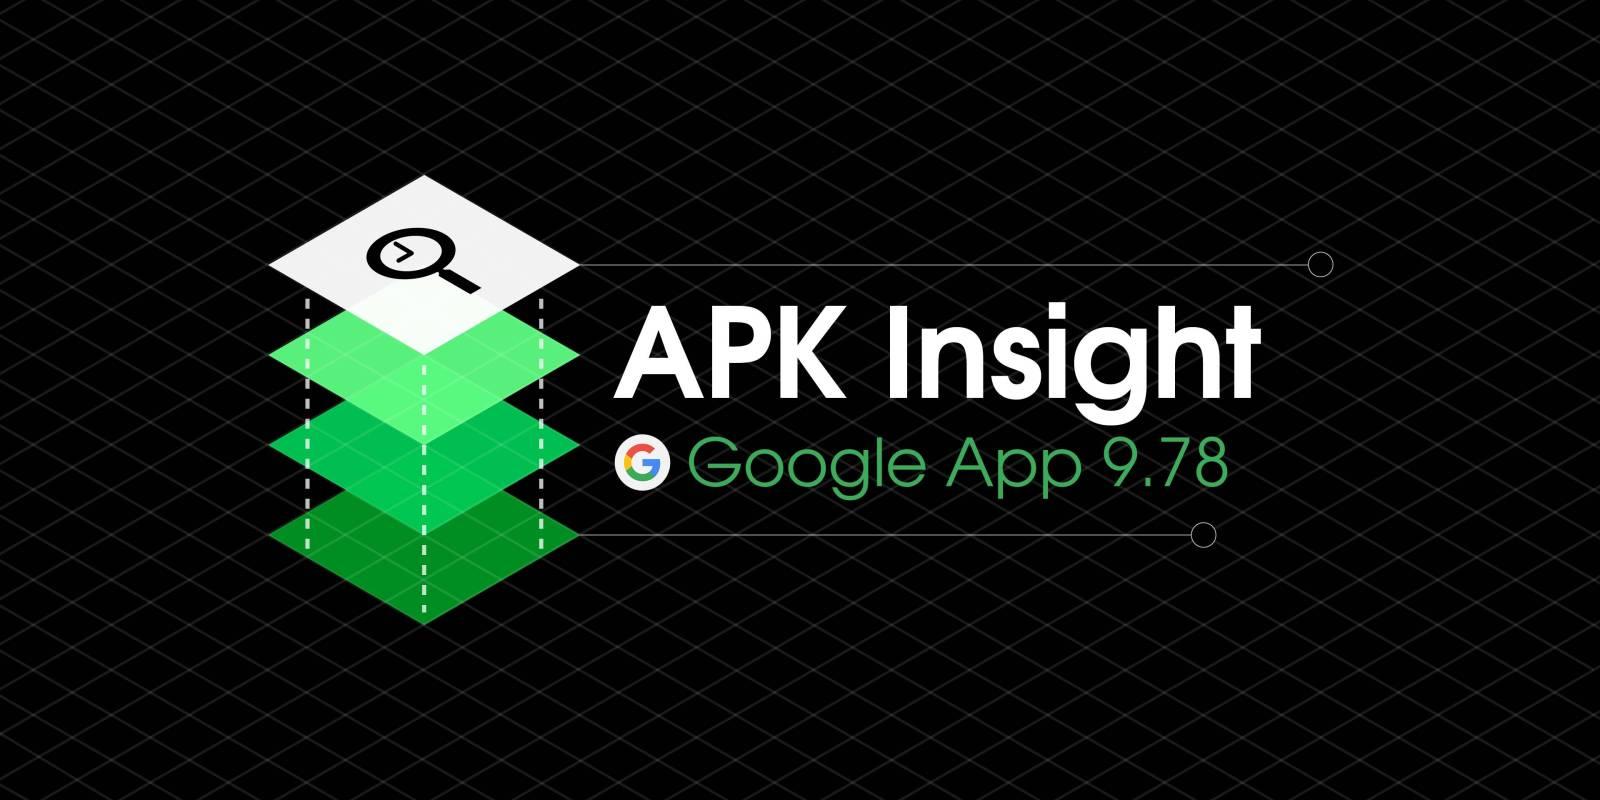 Google app 9 78 fixes Weather app, tweaks 'Charging